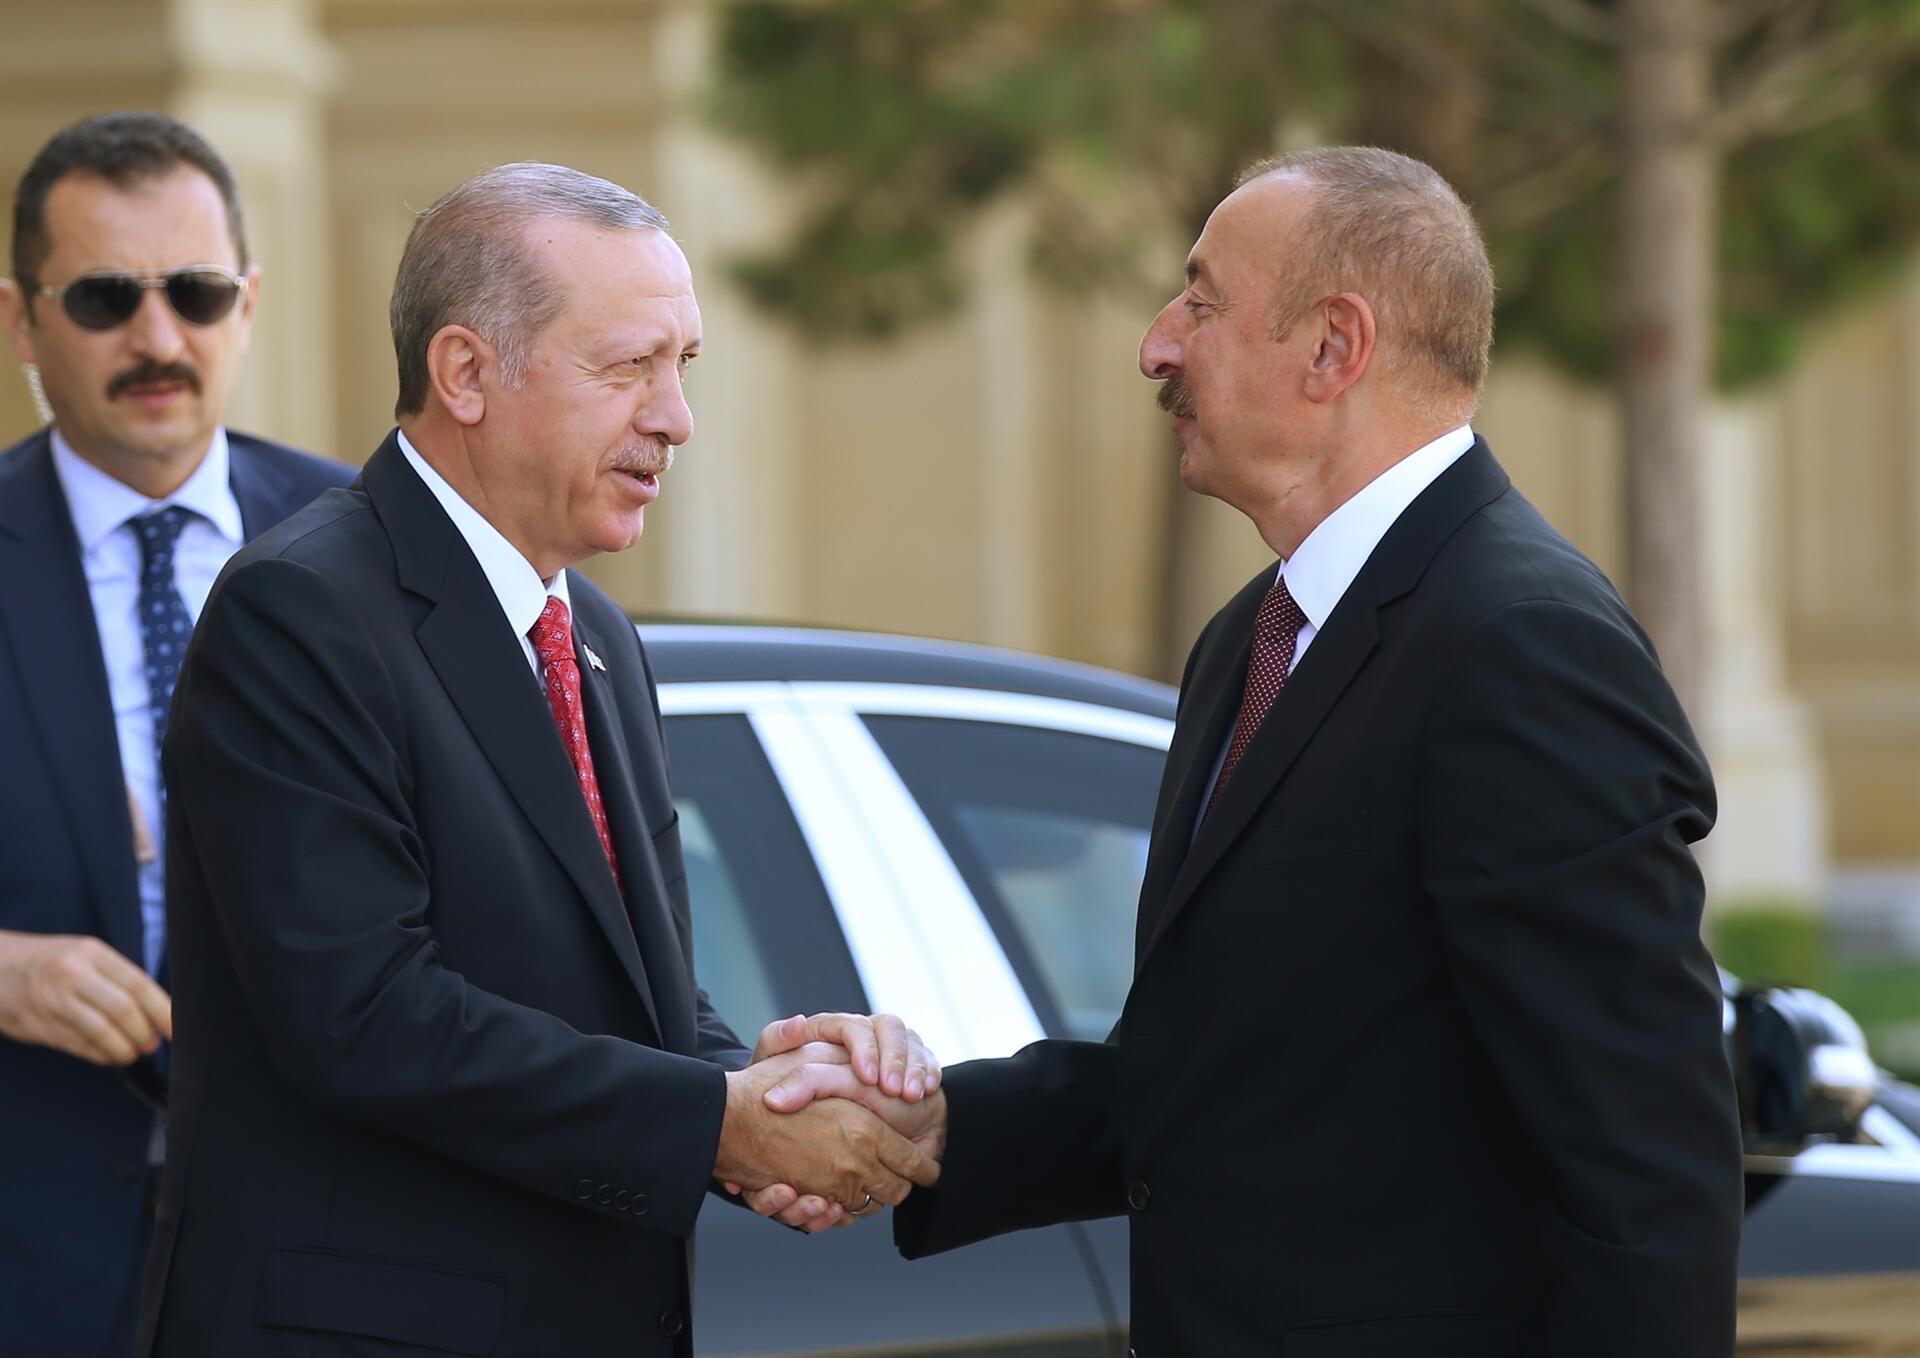 Azerbaycan Üzerinden Türkiye'nin Yol Haritası Nasıl Olmalıdır?